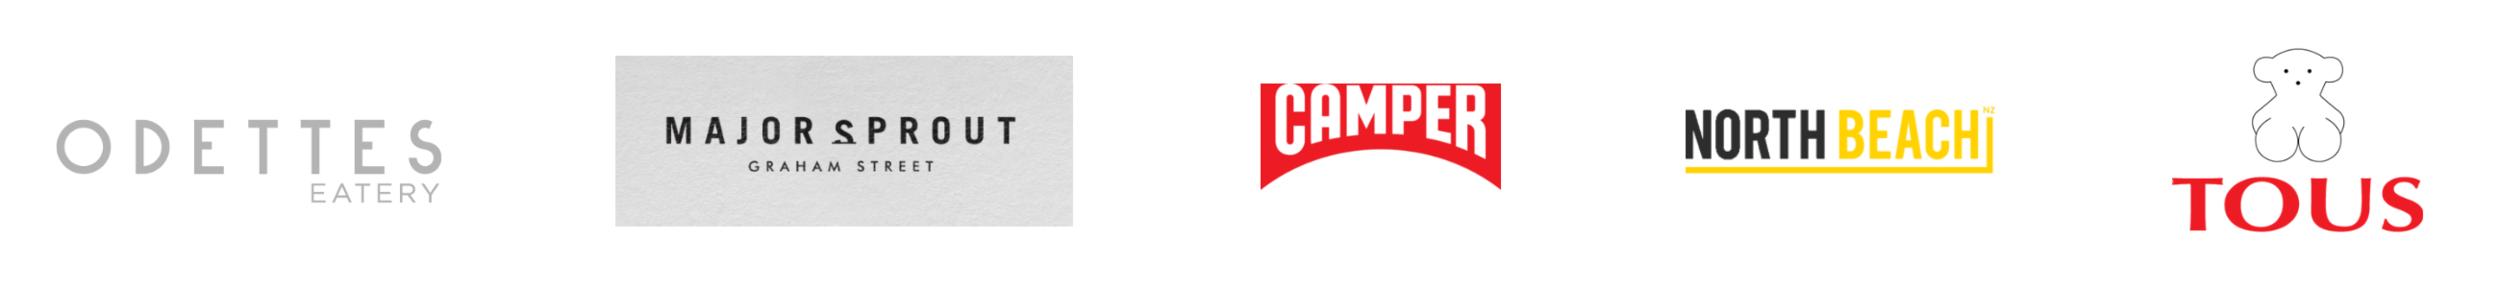 Logo_Carousel_2.png